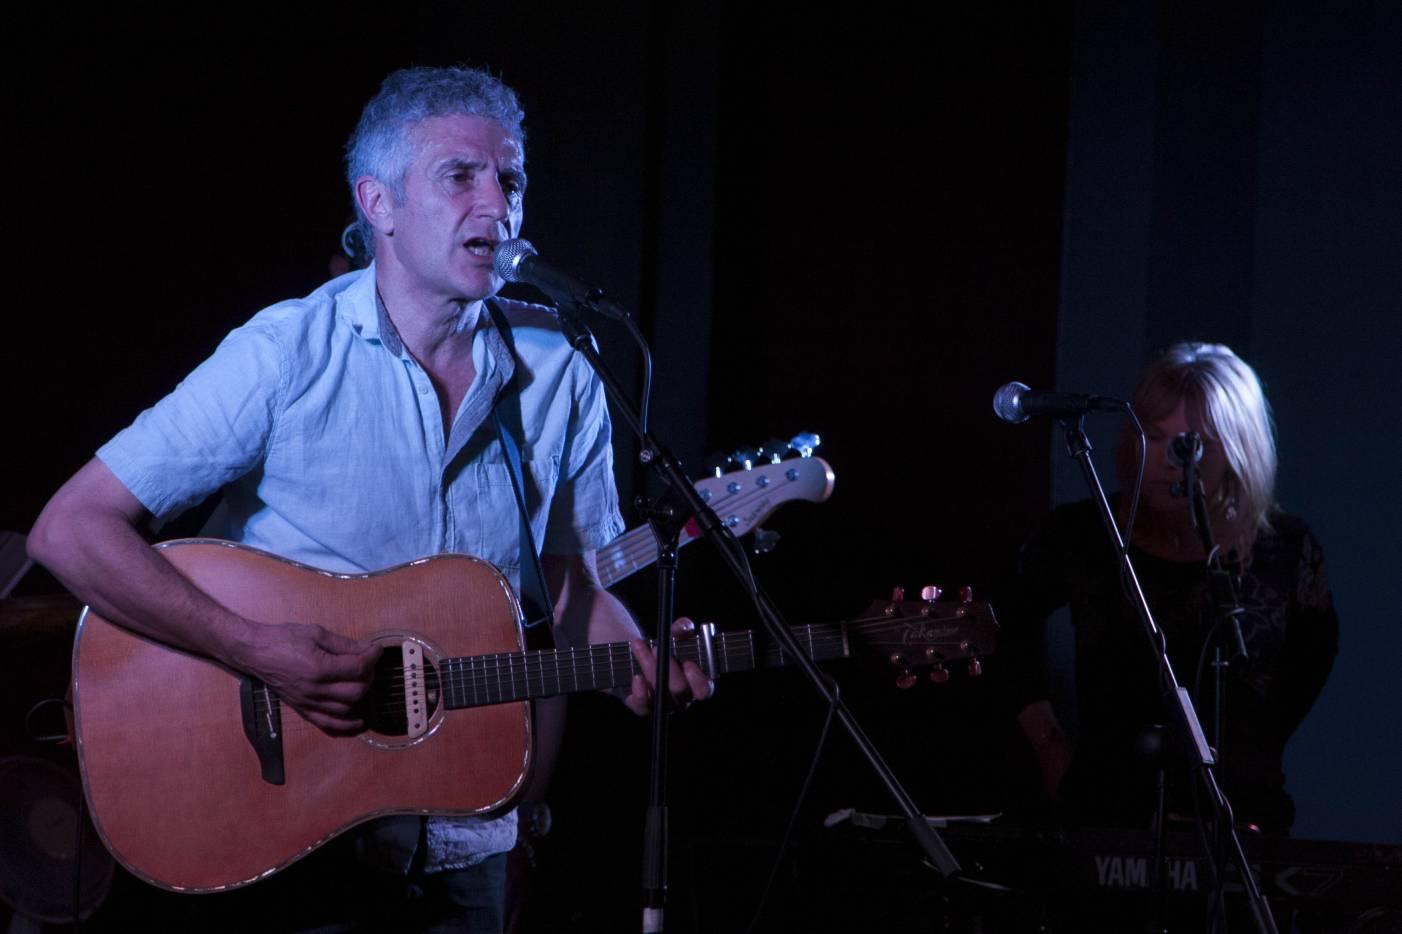 Latin Quarter Liverpool 2012: Steve Skaith